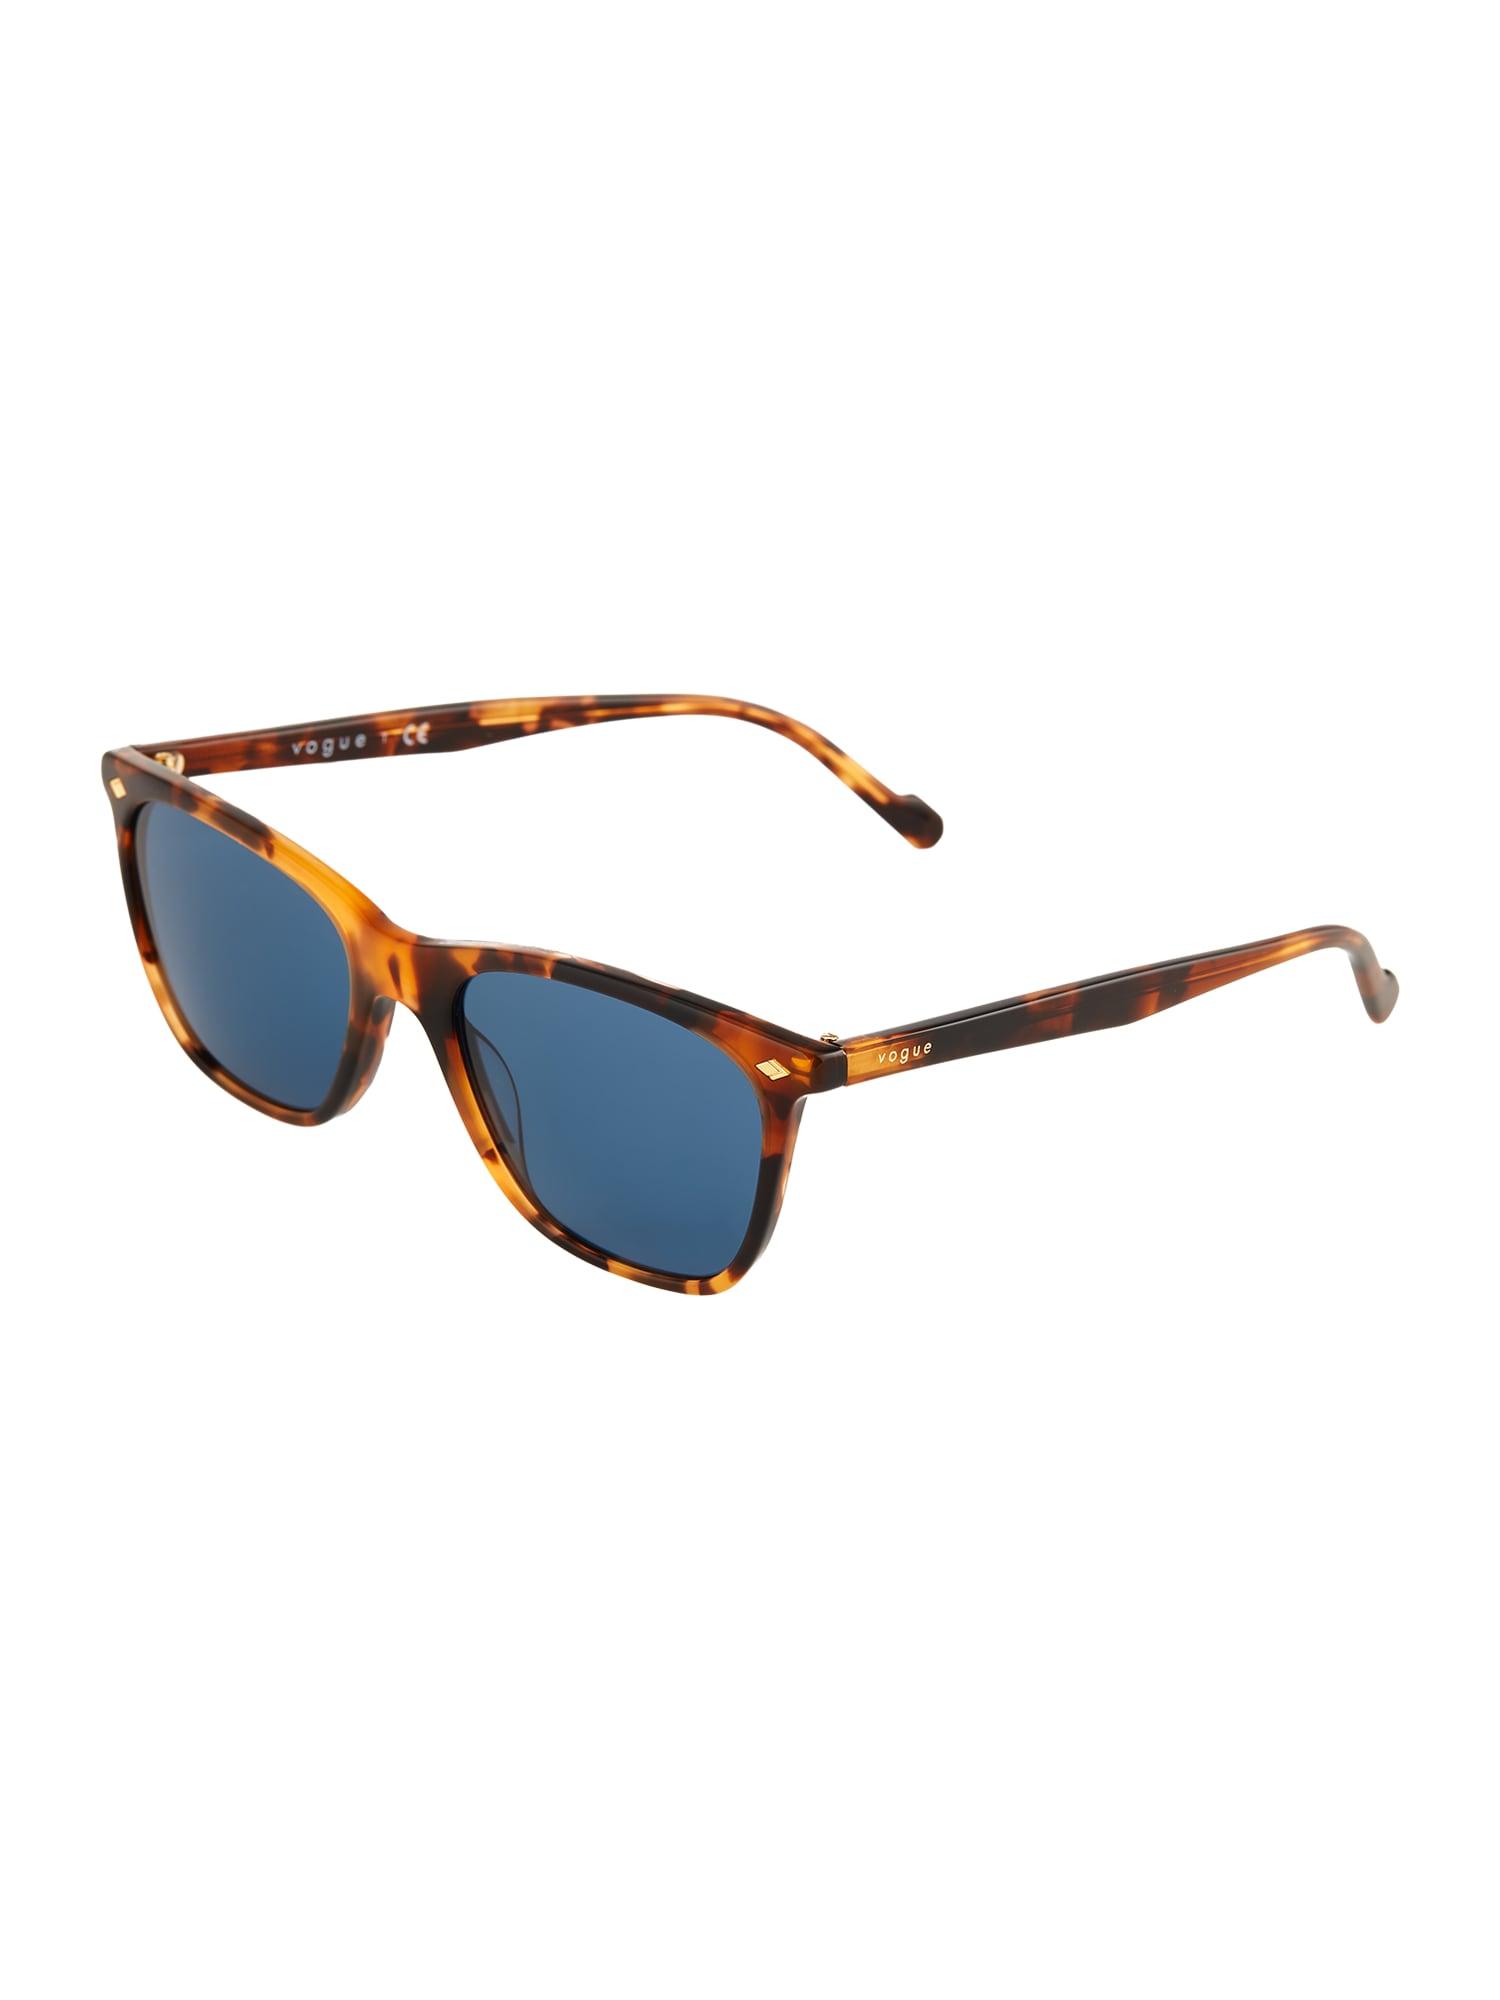 VOGUE Eyewear Akiniai nuo saulės medaus spalva / ruda / mėlyna